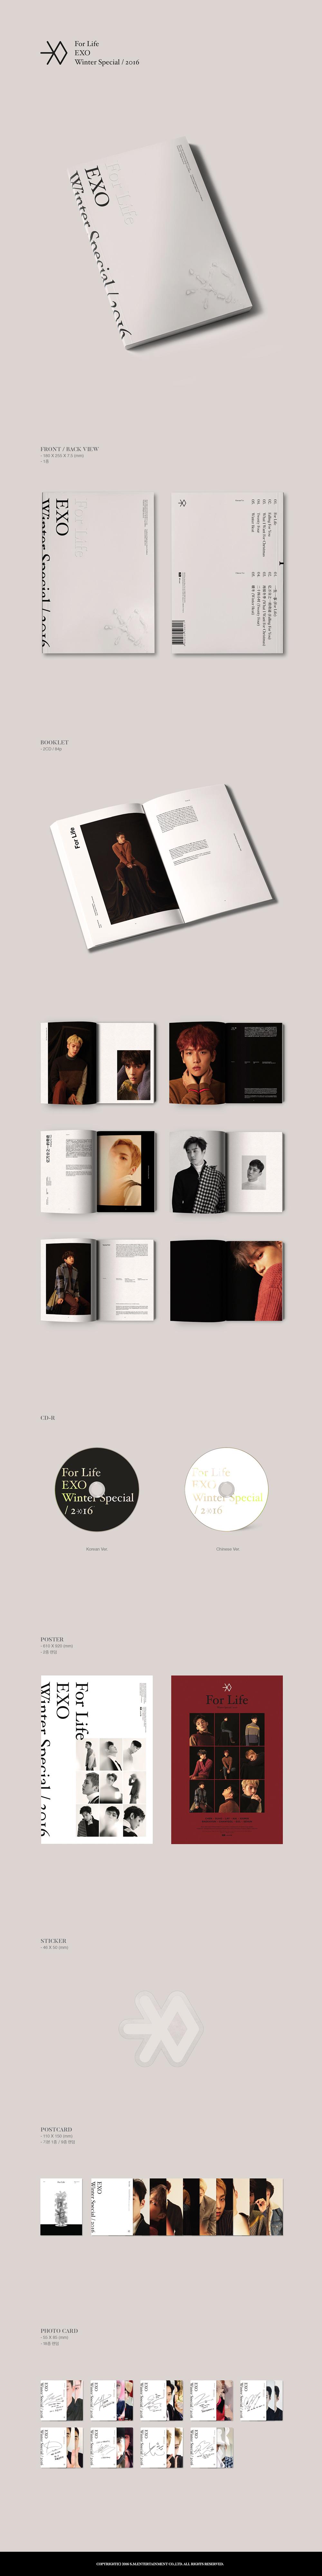 EXO album details